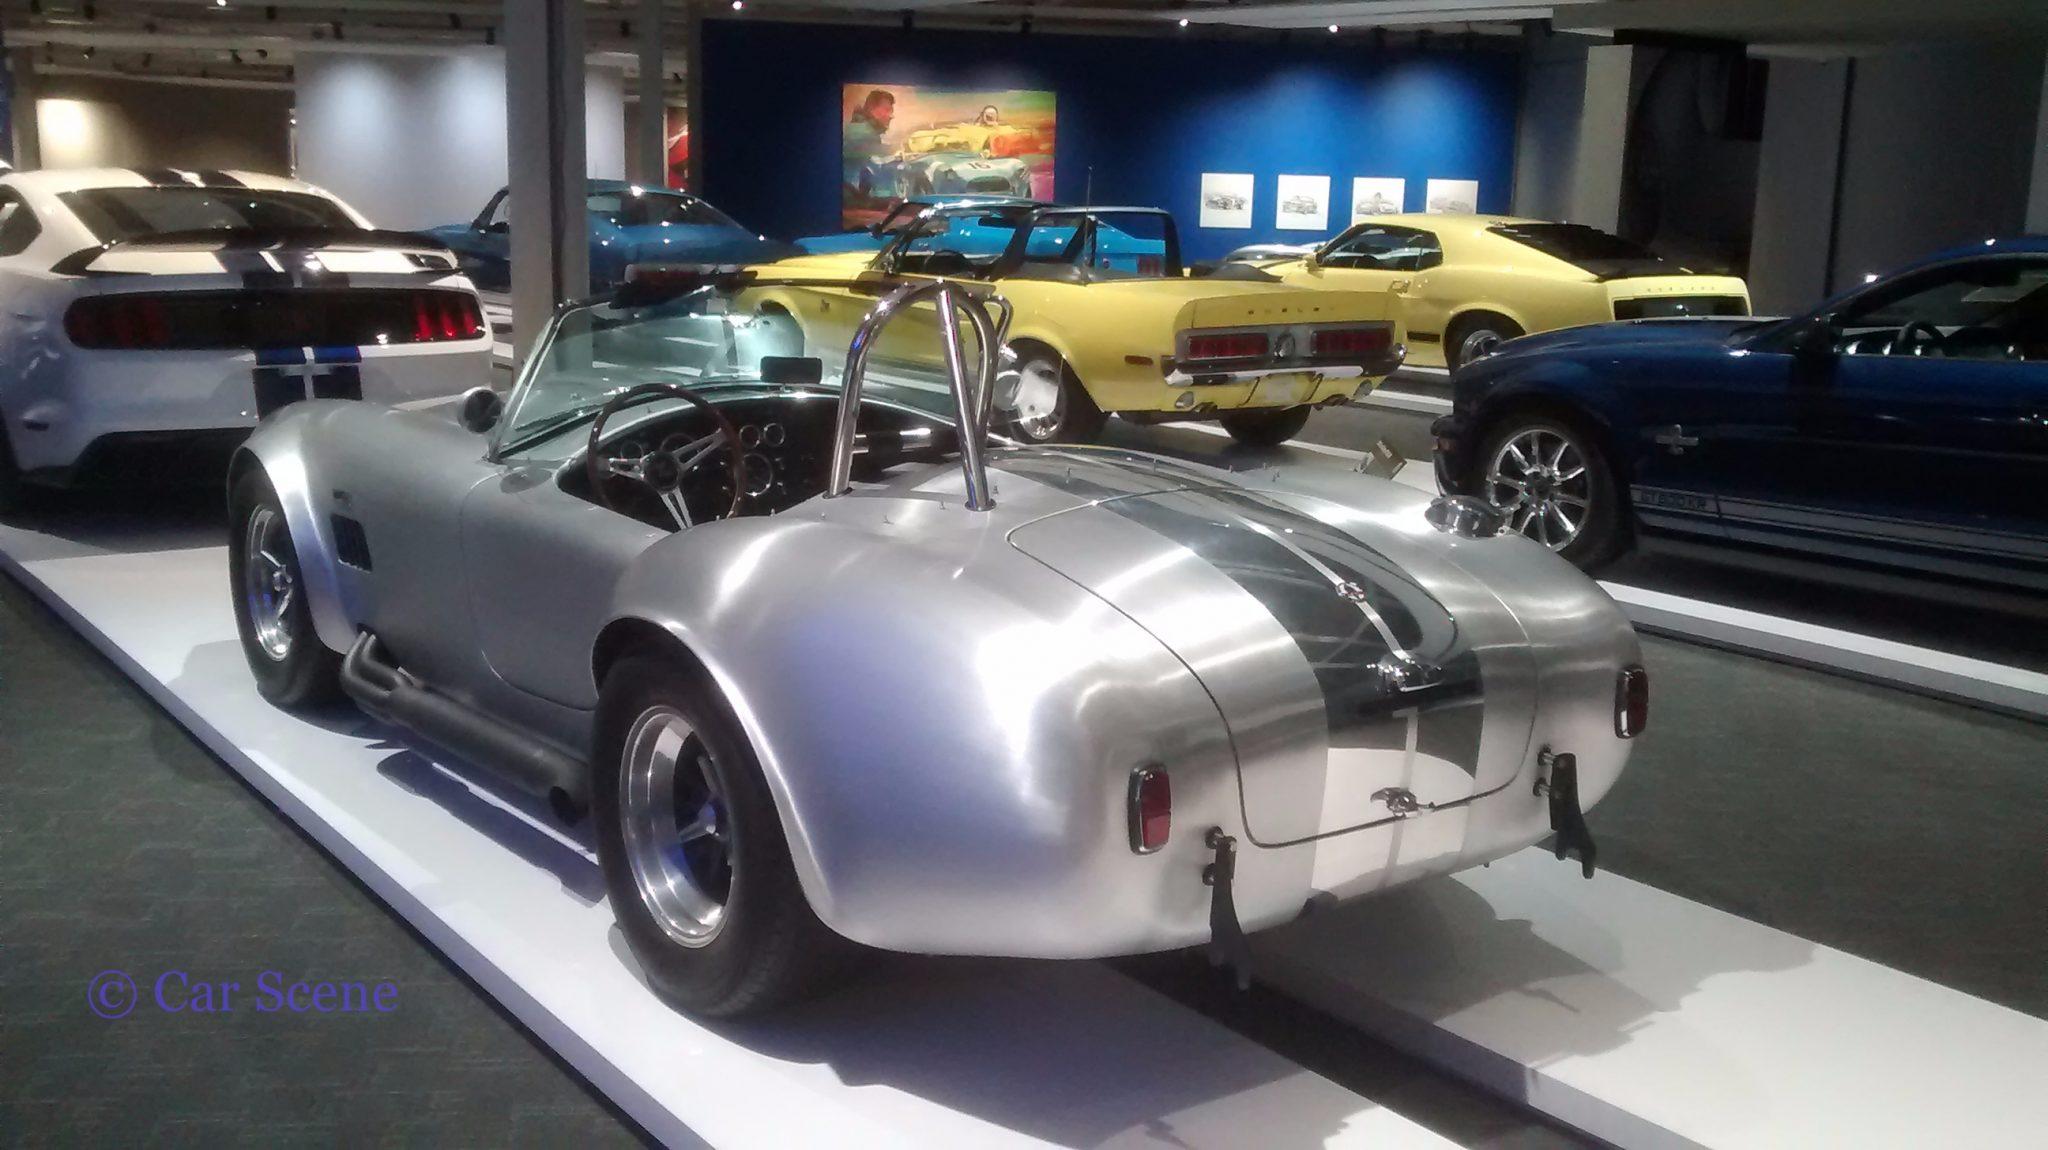 Classic Cars in Newport Ri. USA - Car Scene International